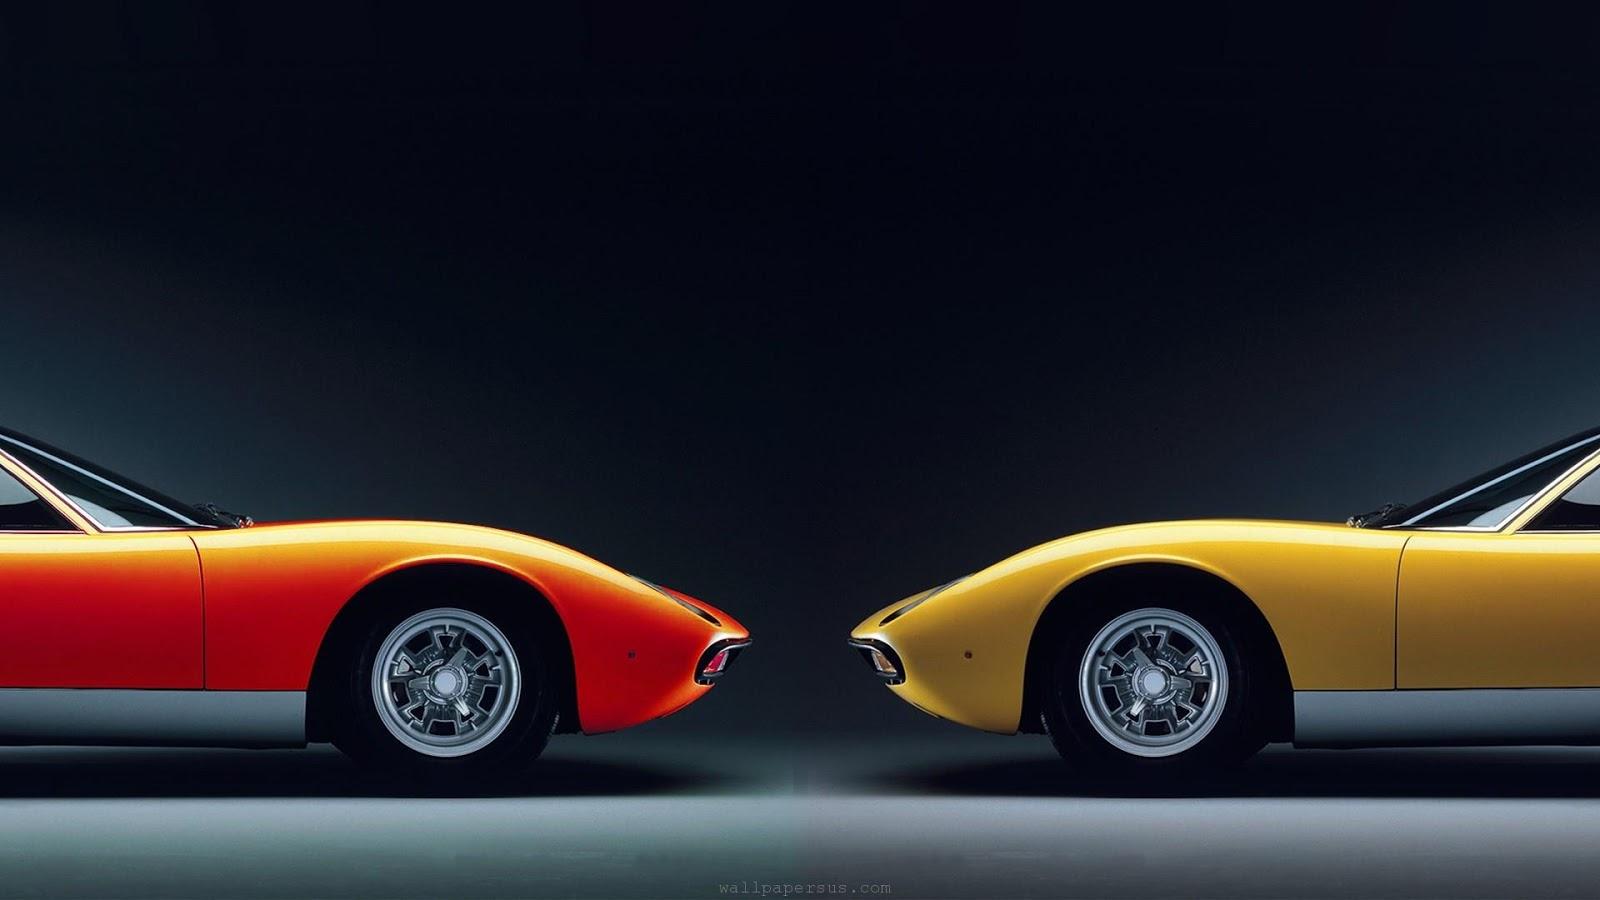 Luxury Lamborghini Cars Lamborghini Miura Wallpaper